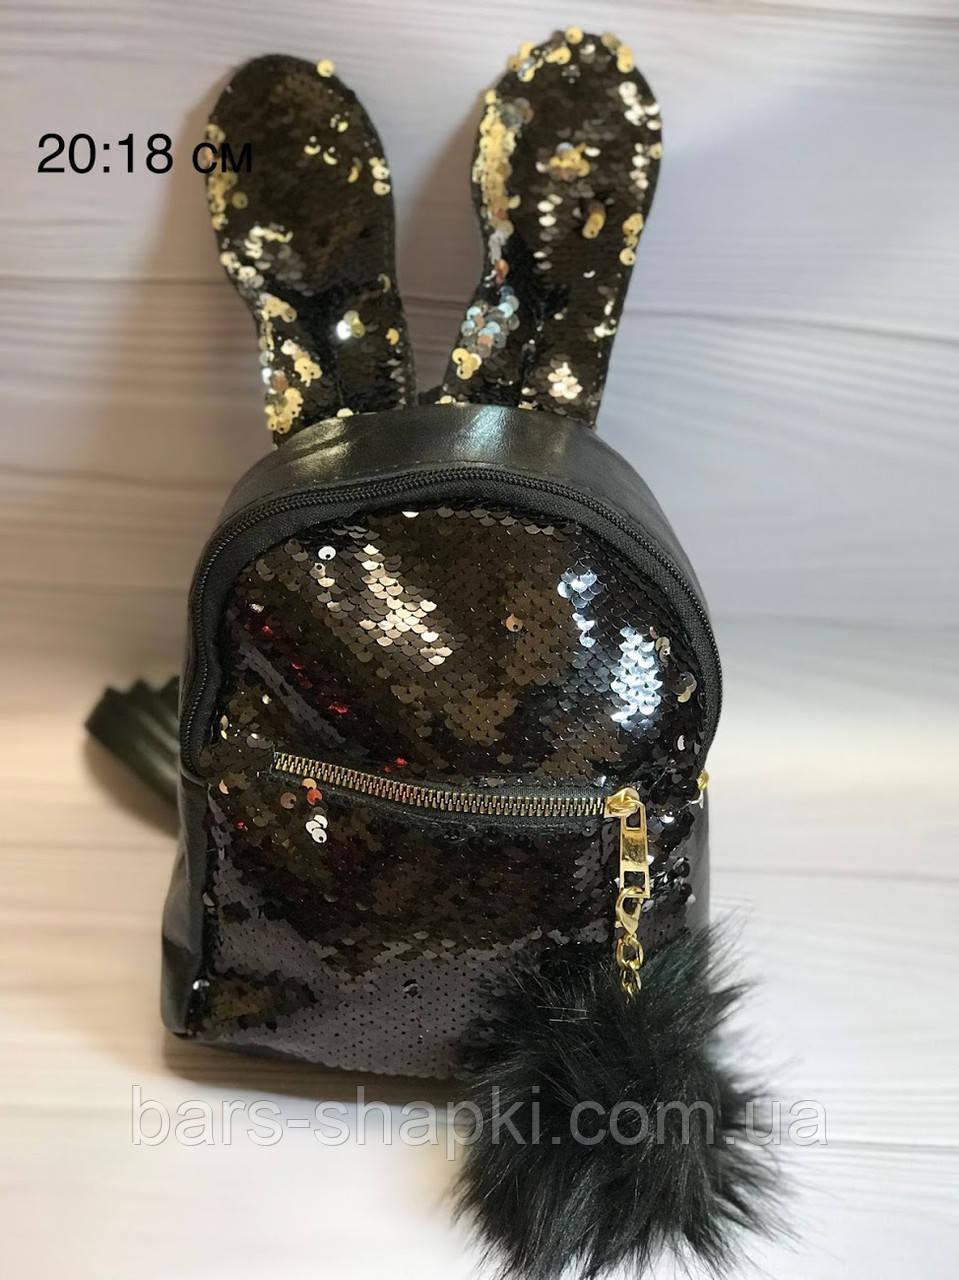 Стильный городской рюкзак  с паетками перевертышами, ушками, меховым помпоном.